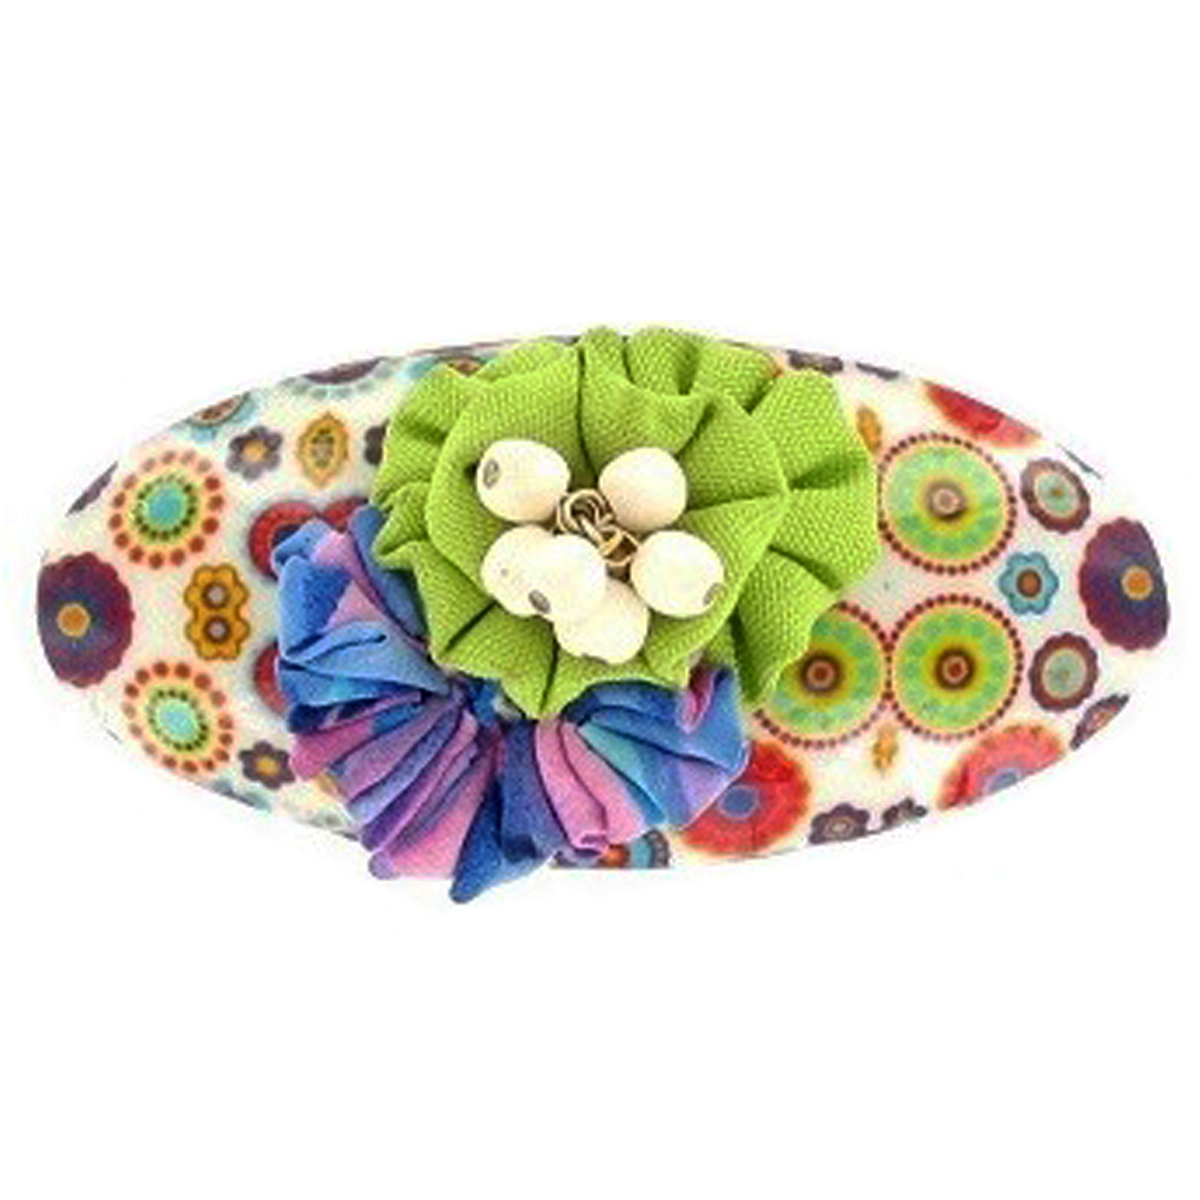 Barrette artisanale \'Mistinguette\' vert multicolore - 90x40 mm - [R4332]